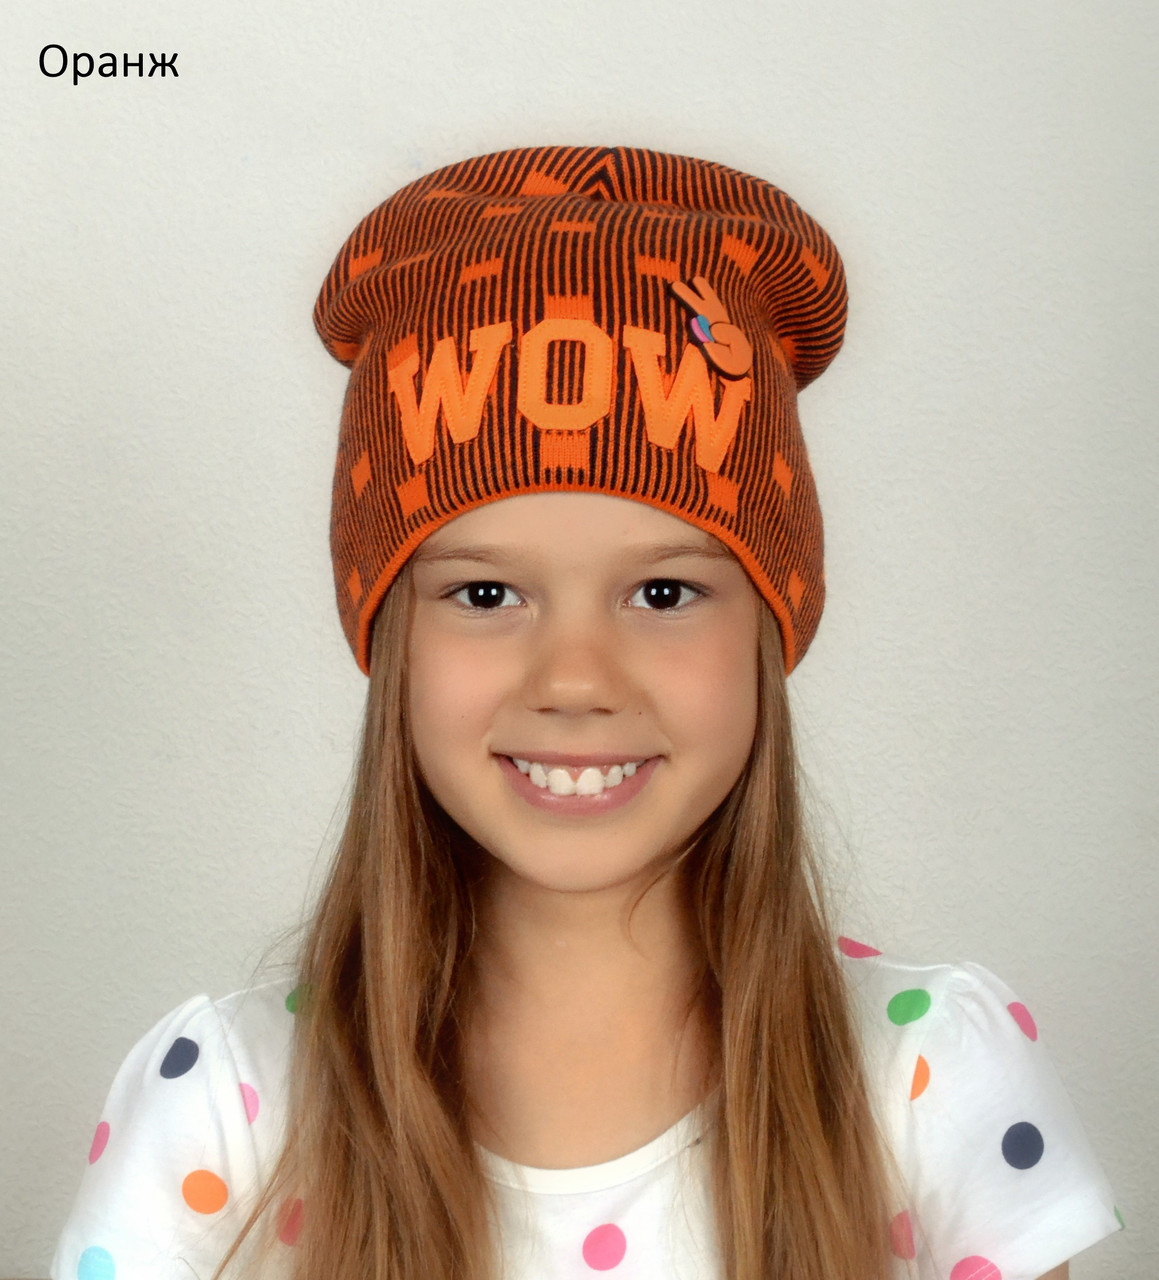 ✌ WOW ✌ Двойная шапка осень/зима, внутри х/б. 4-12 лет (р.52-56) Наличие смотреть в онлайн-форме